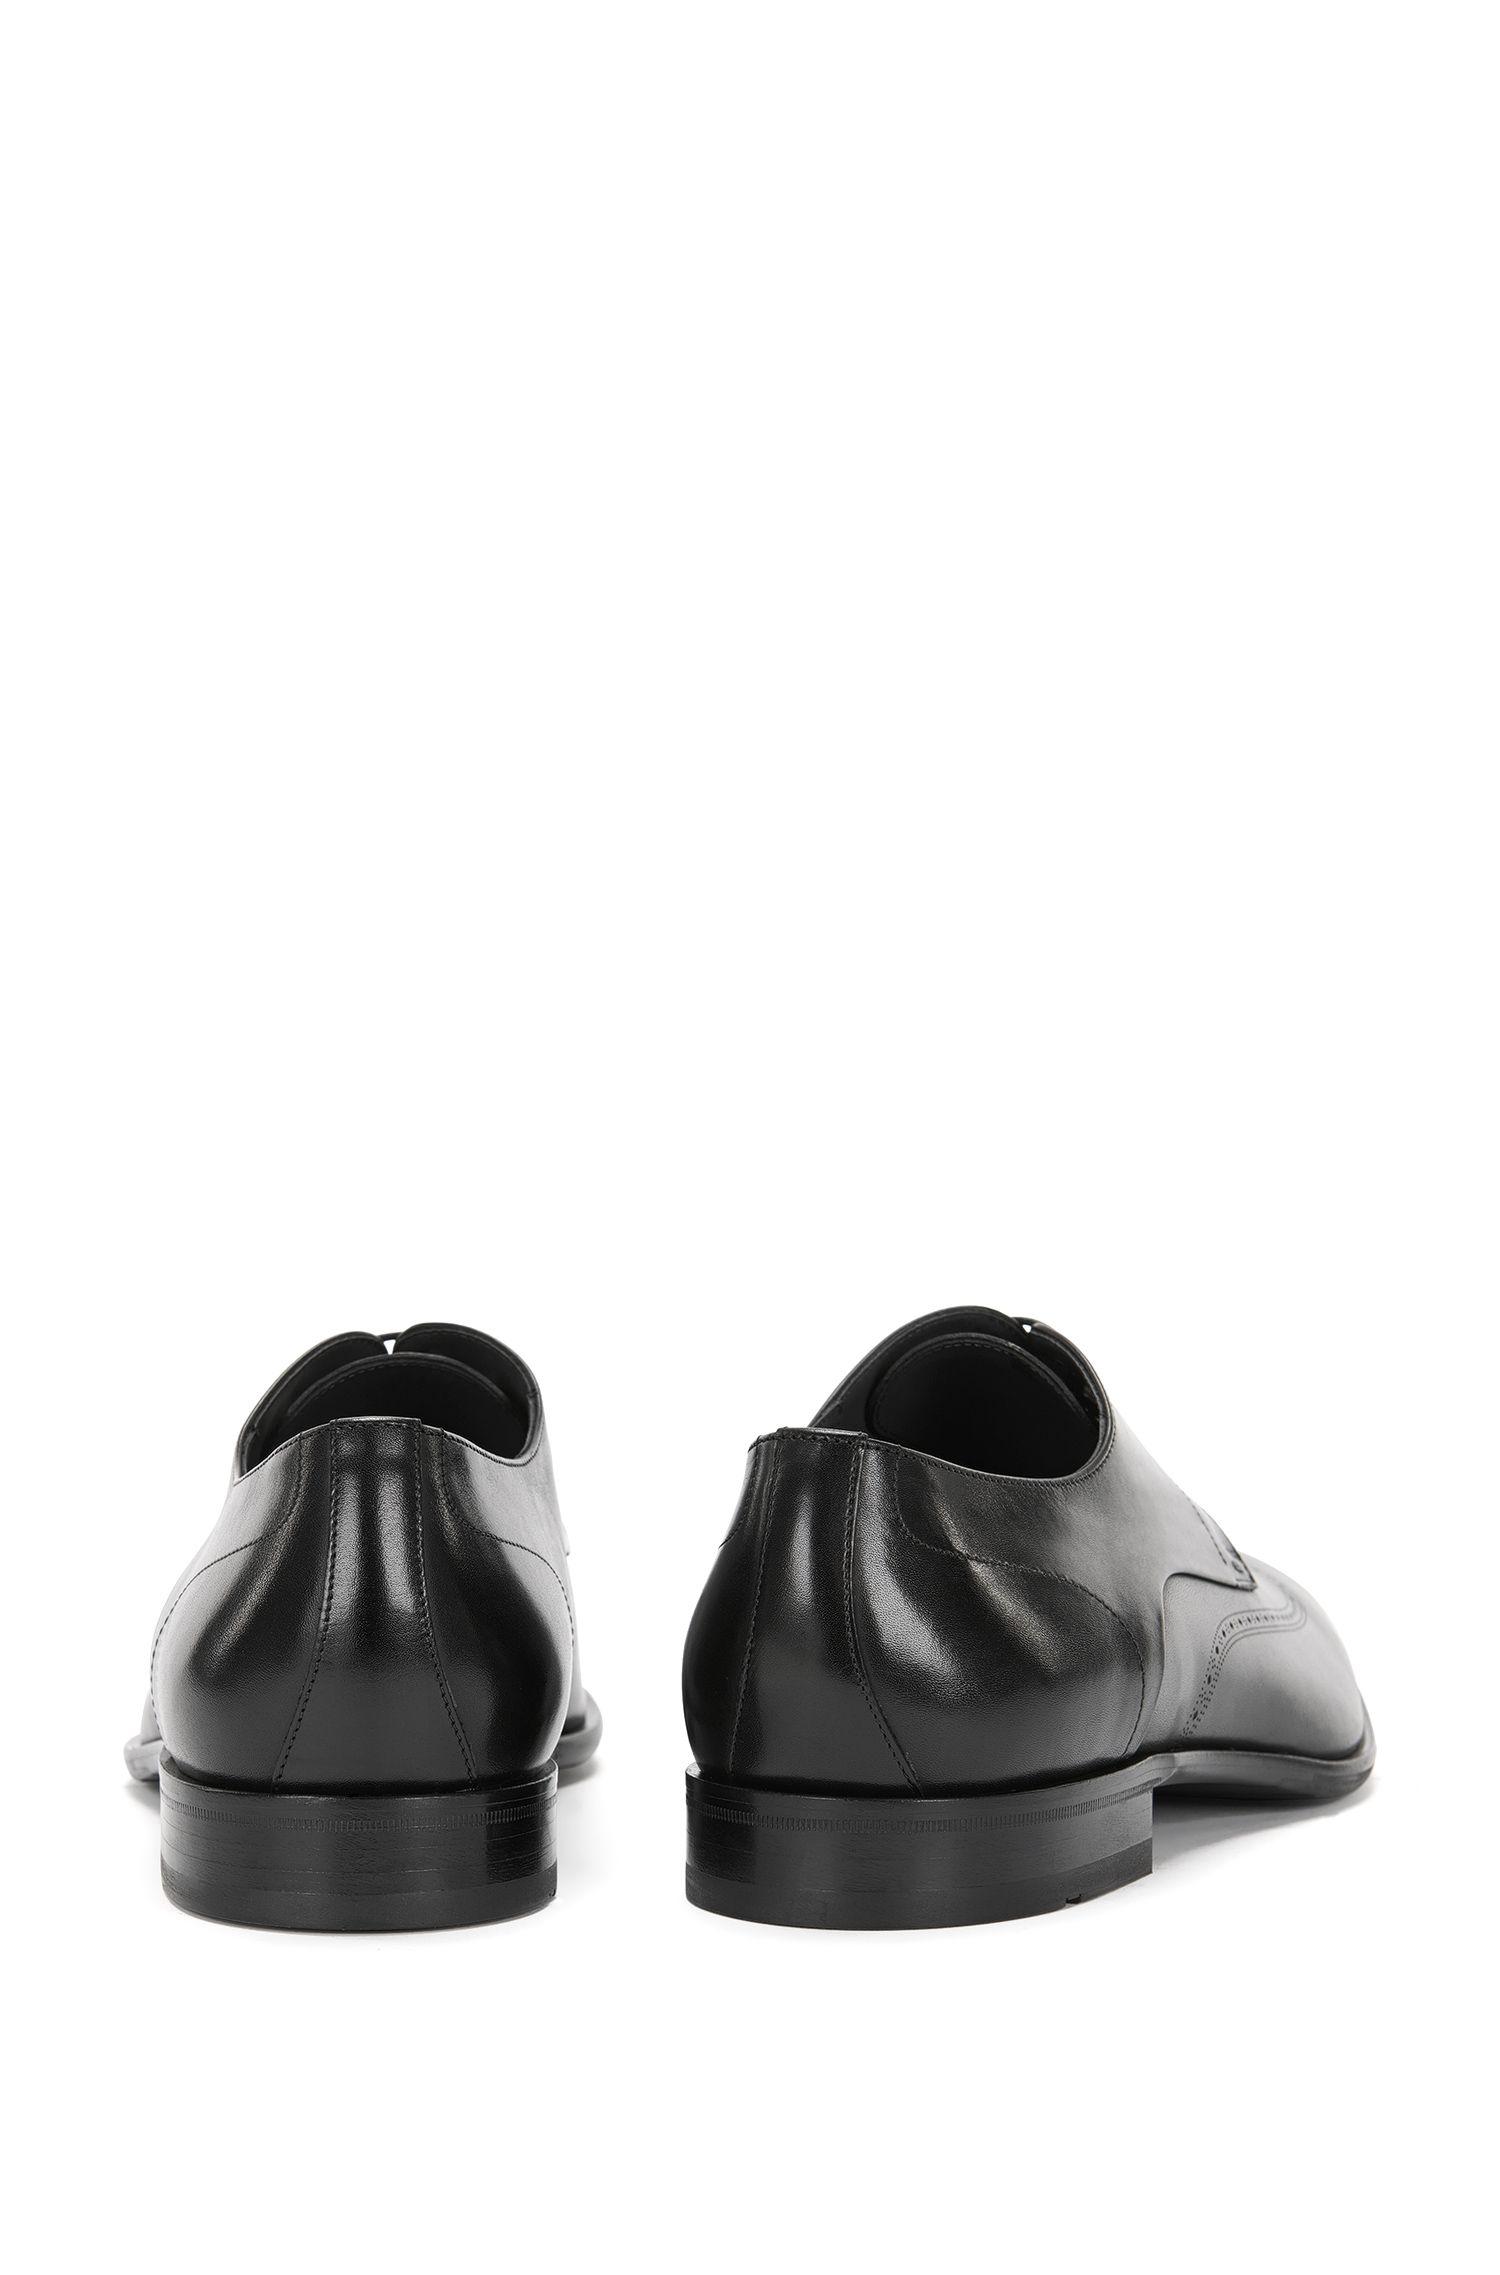 Schnürschuhe aus Leder mit Lochmuster: 'Chelsea_Derb_ltwt'